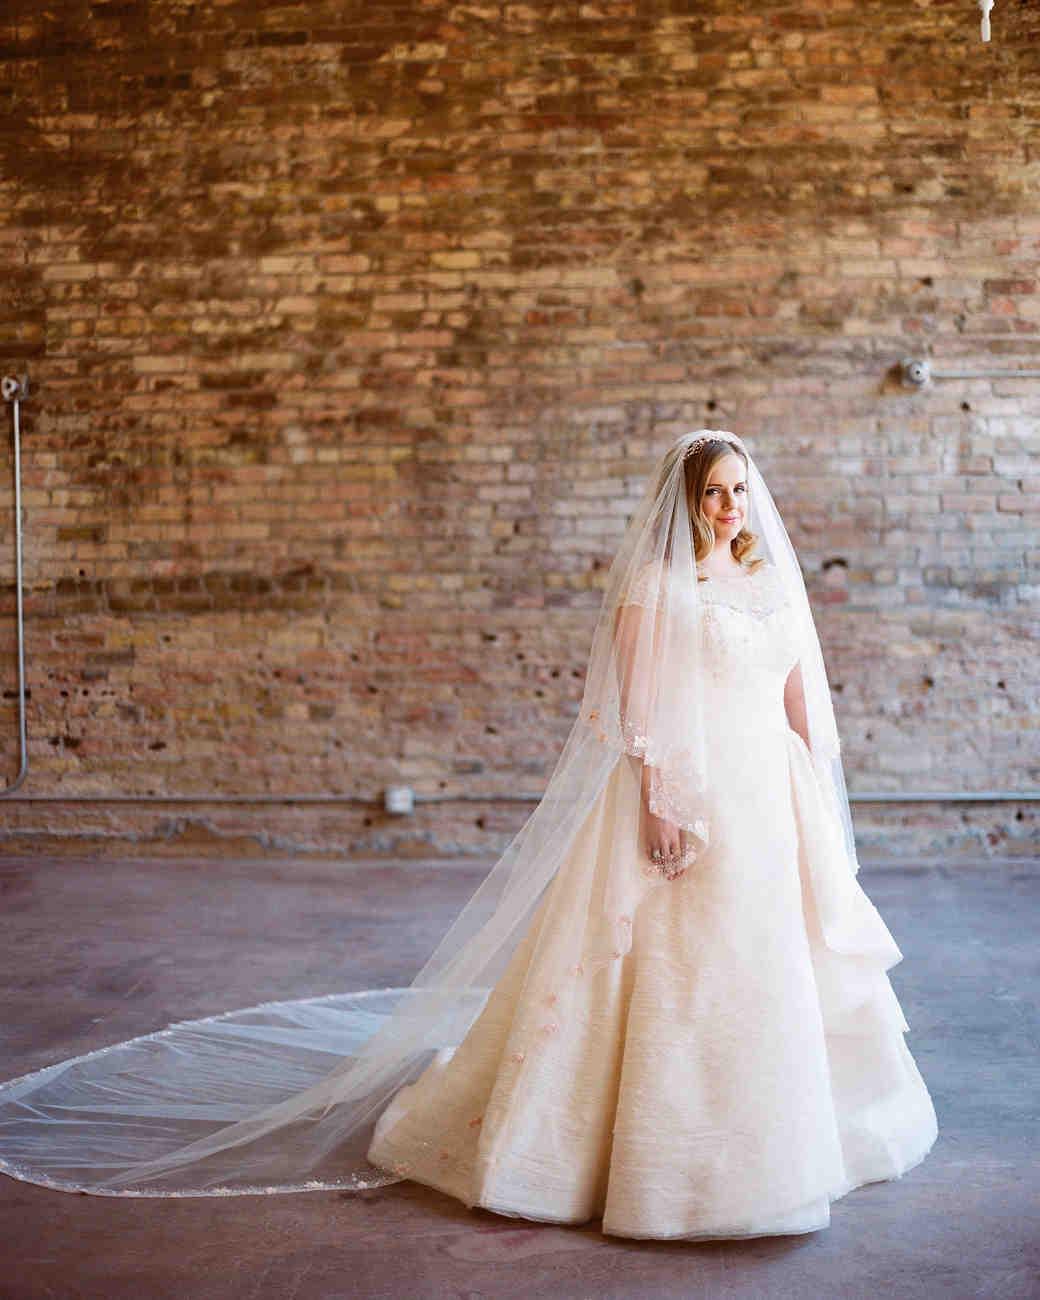 maddy-mike-wedding-bride-130.9744.16.2015.49-6134174-0716.jpg